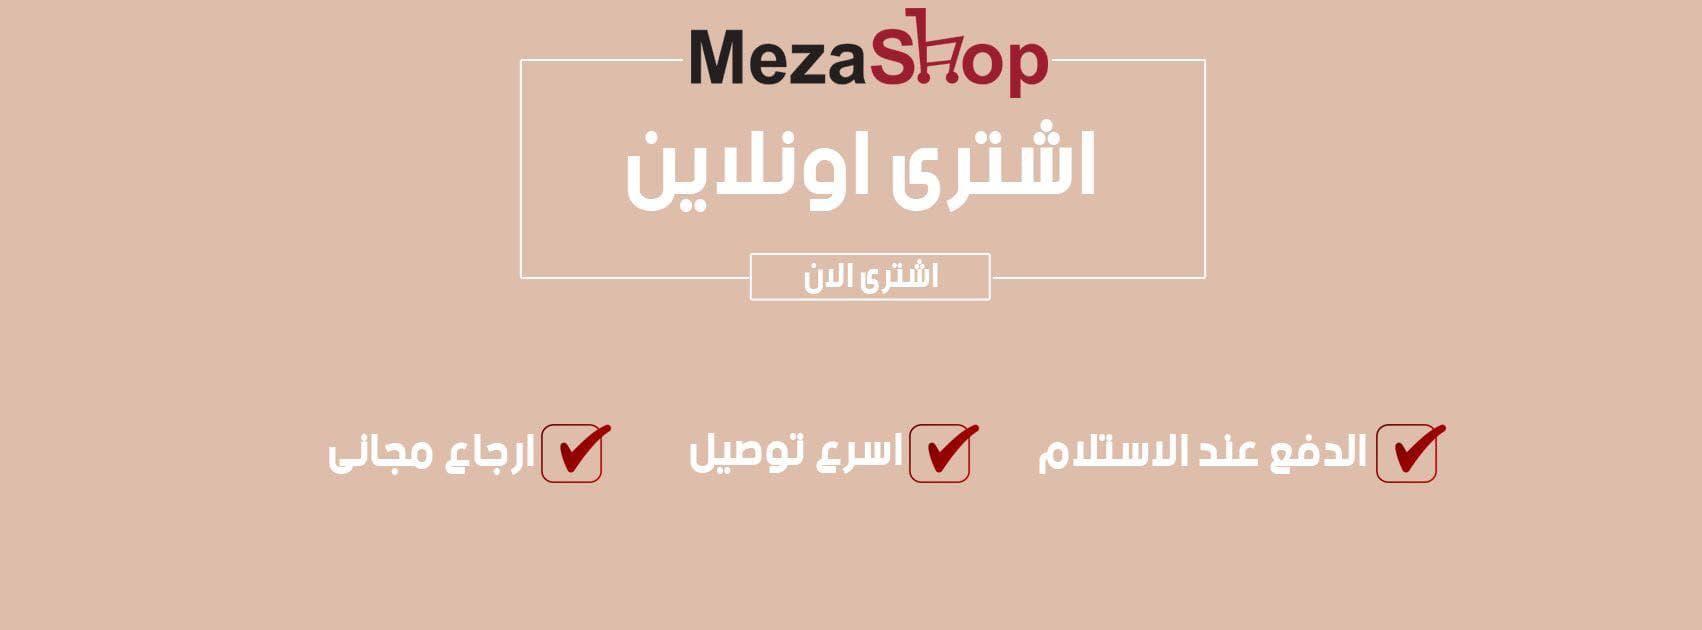 ميزة شوب | اشترى اونلاين فى مصر Mezashop.com